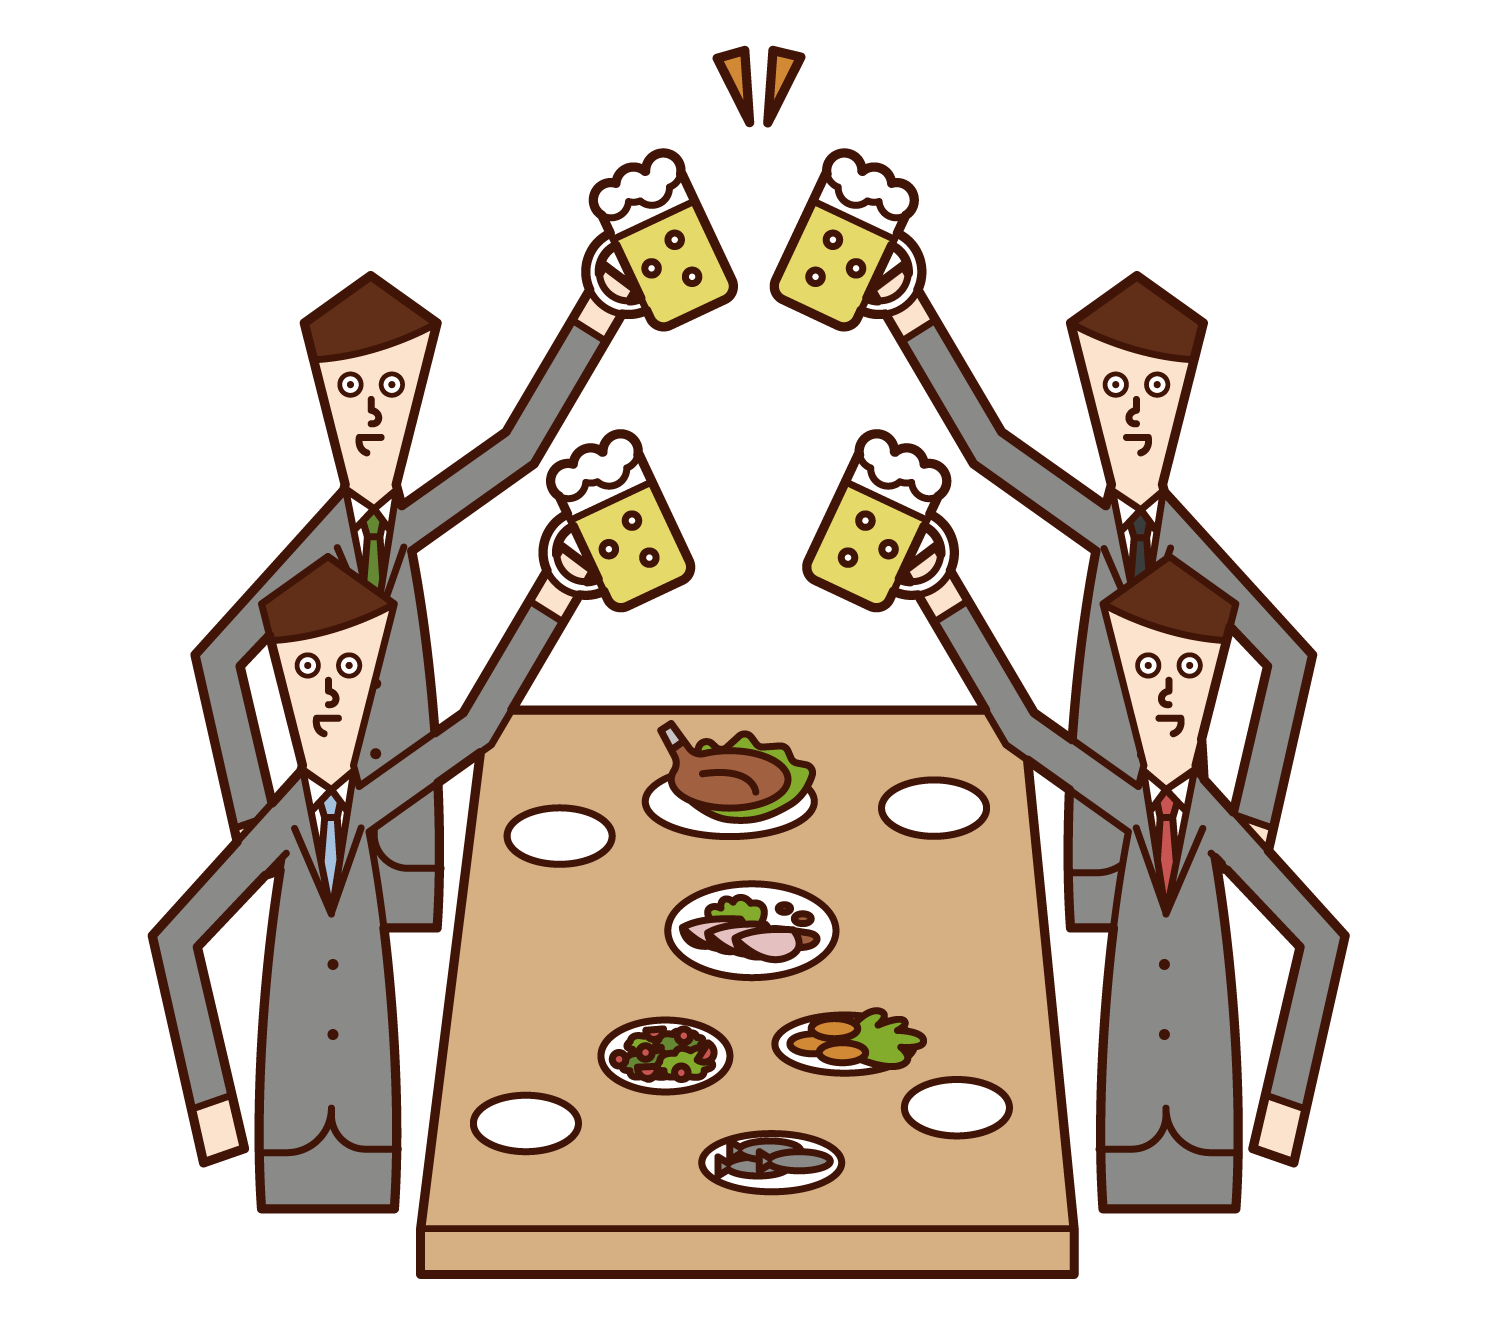 飲み会で乾杯する人たち(男性)のイラスト